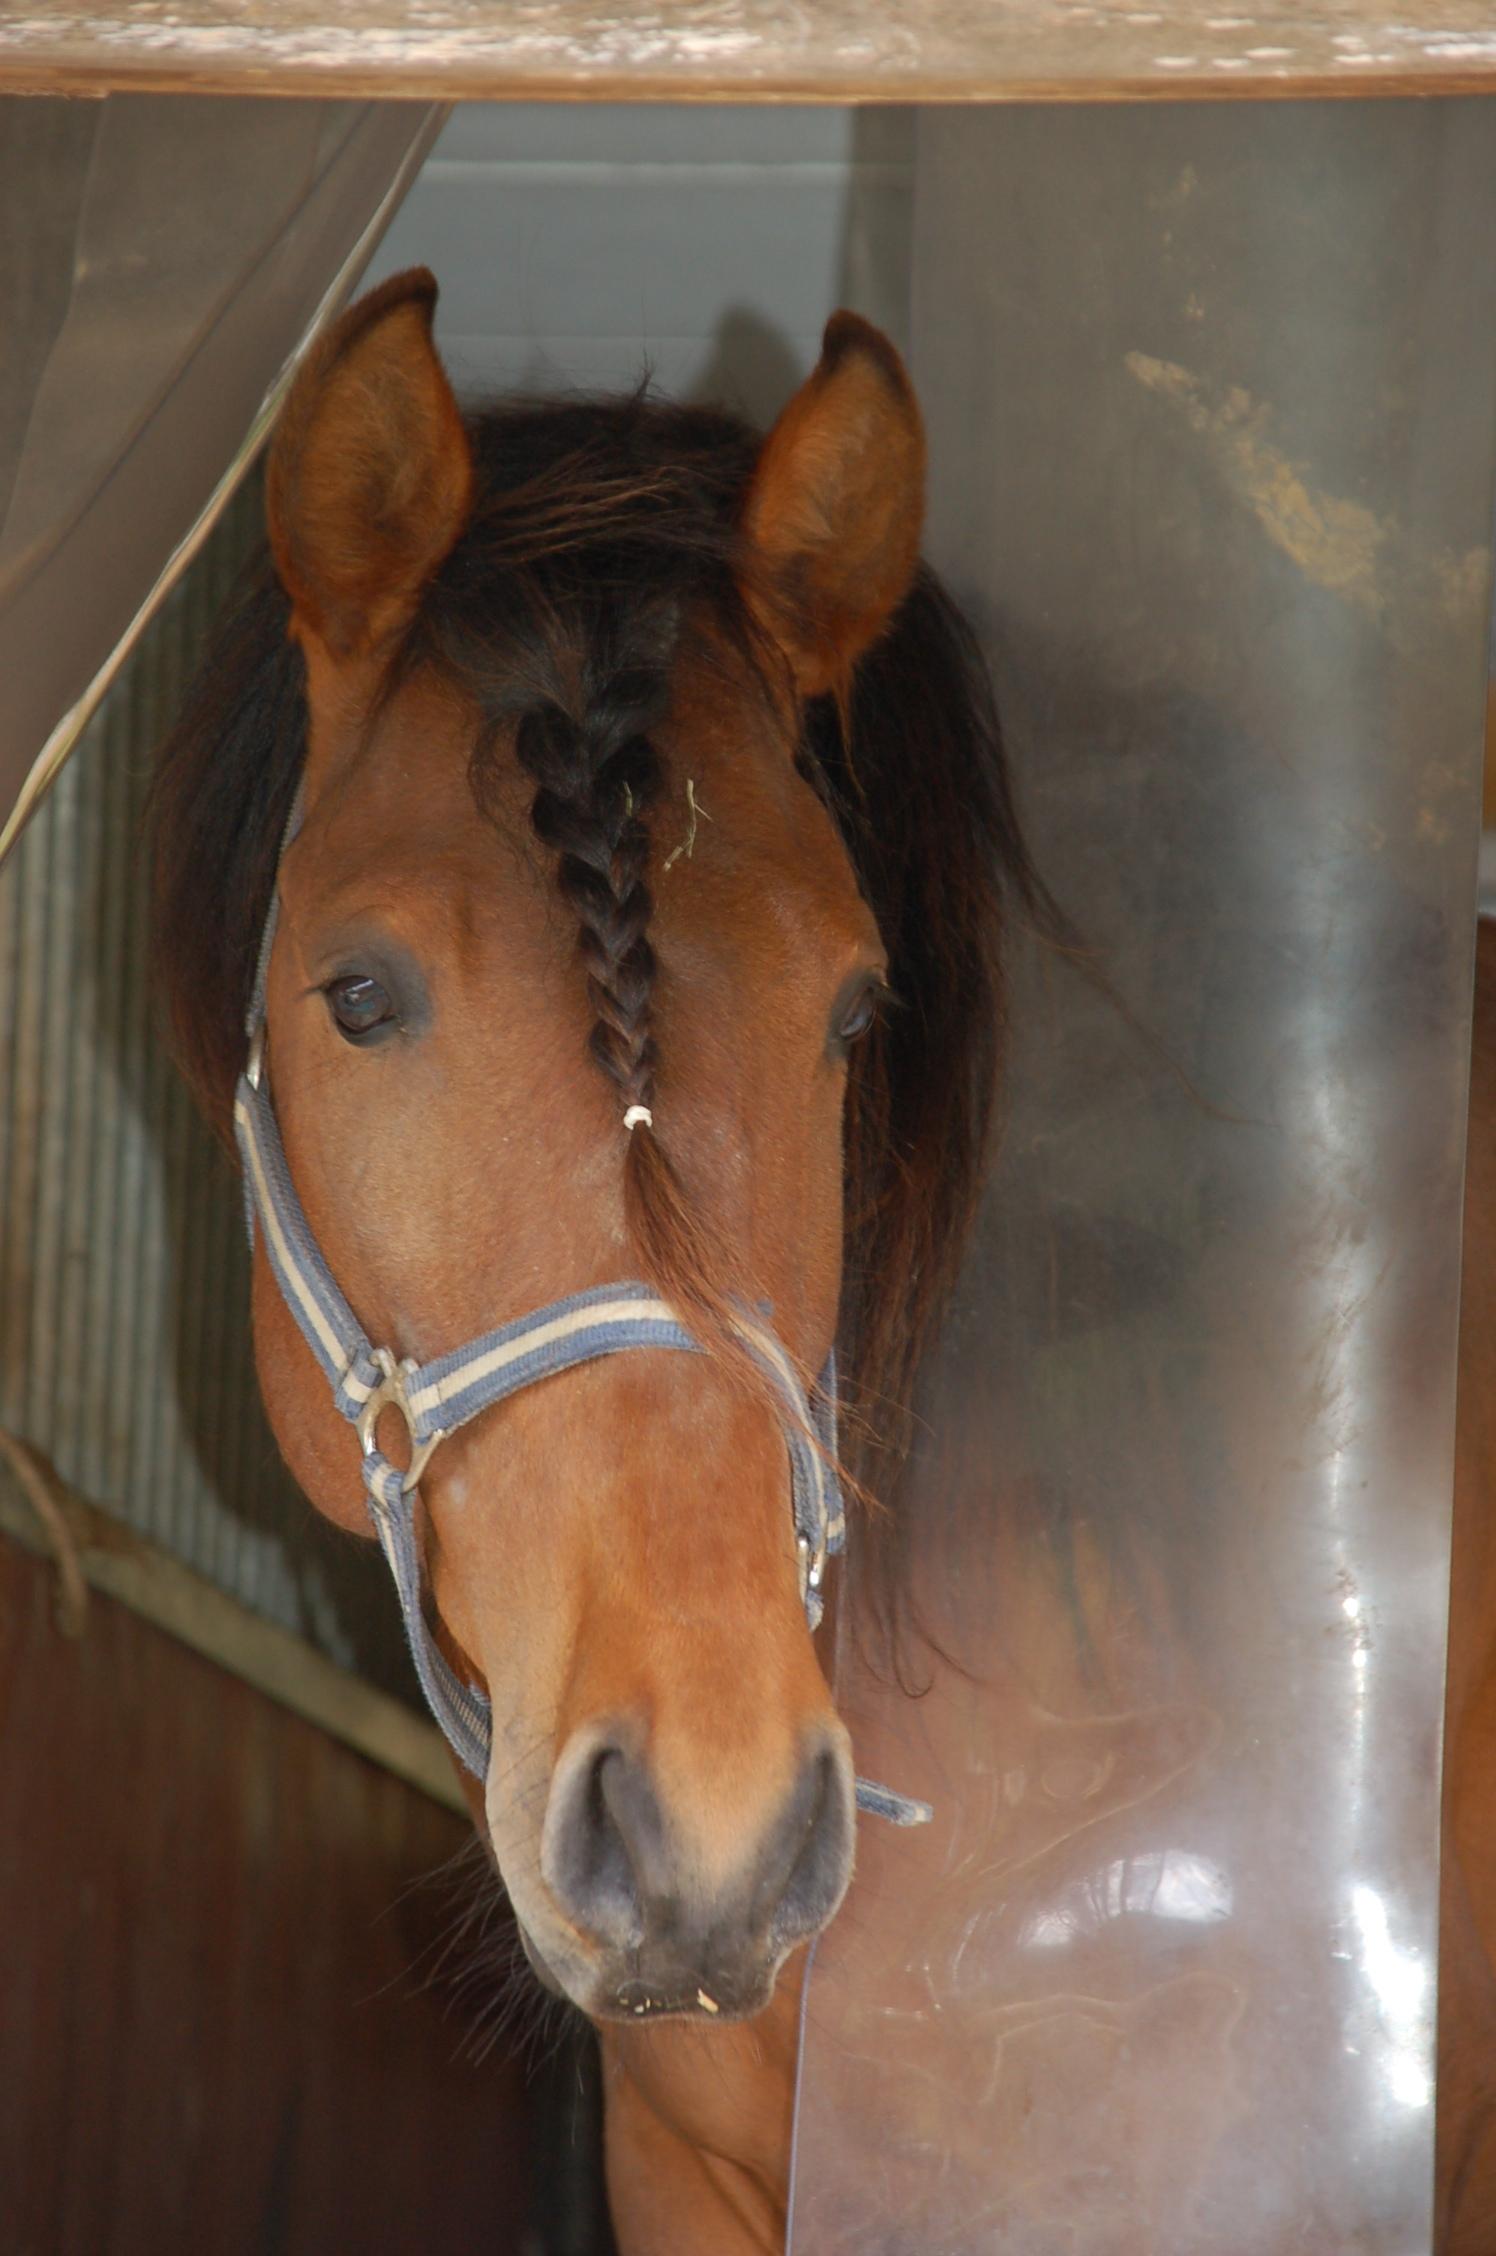 Pferde vor Fliegen und Bremsen schützen - der richtige Insektenschutz